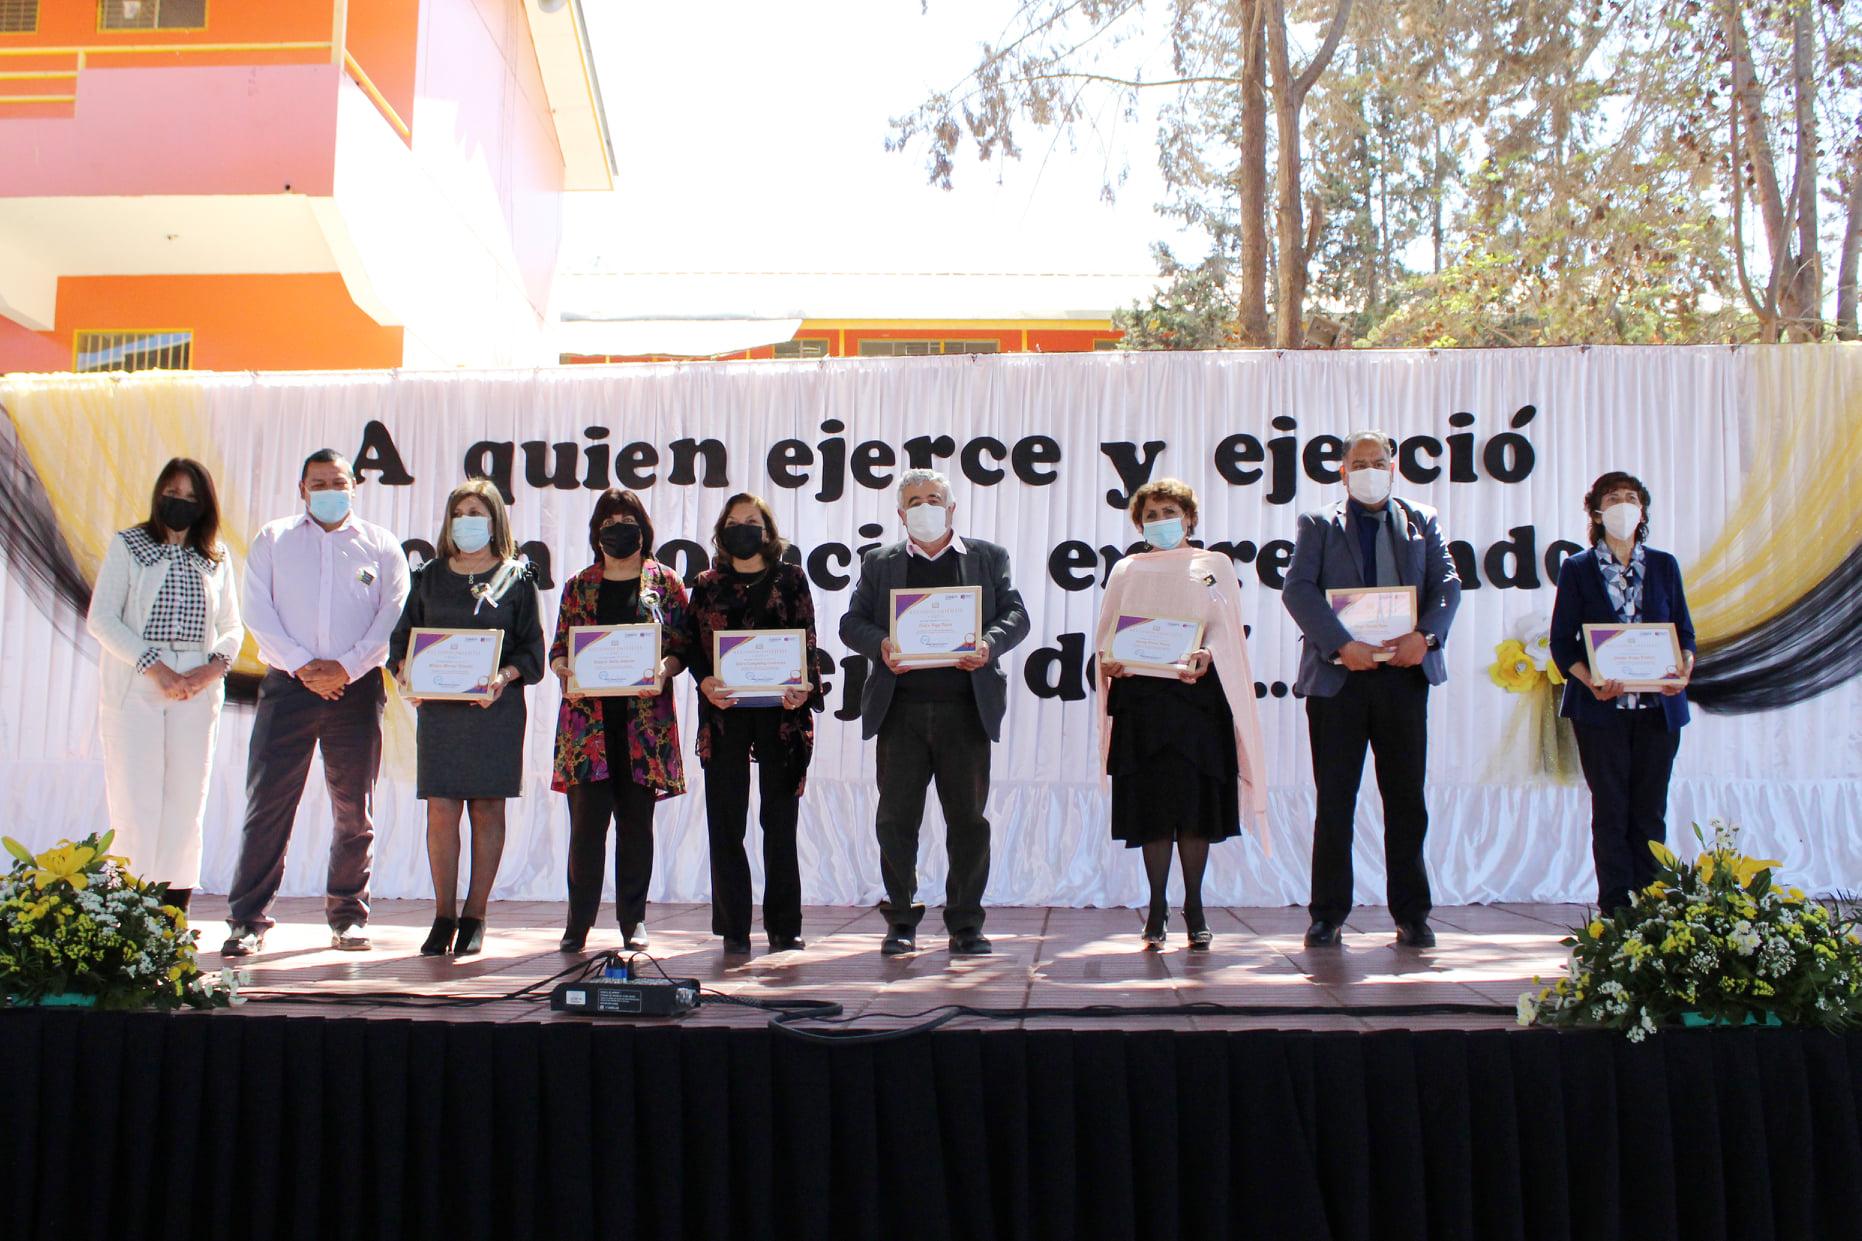 Profesores y profesoras que cumplieron años de servicio fueron homenajeados por el SLEP Huasco